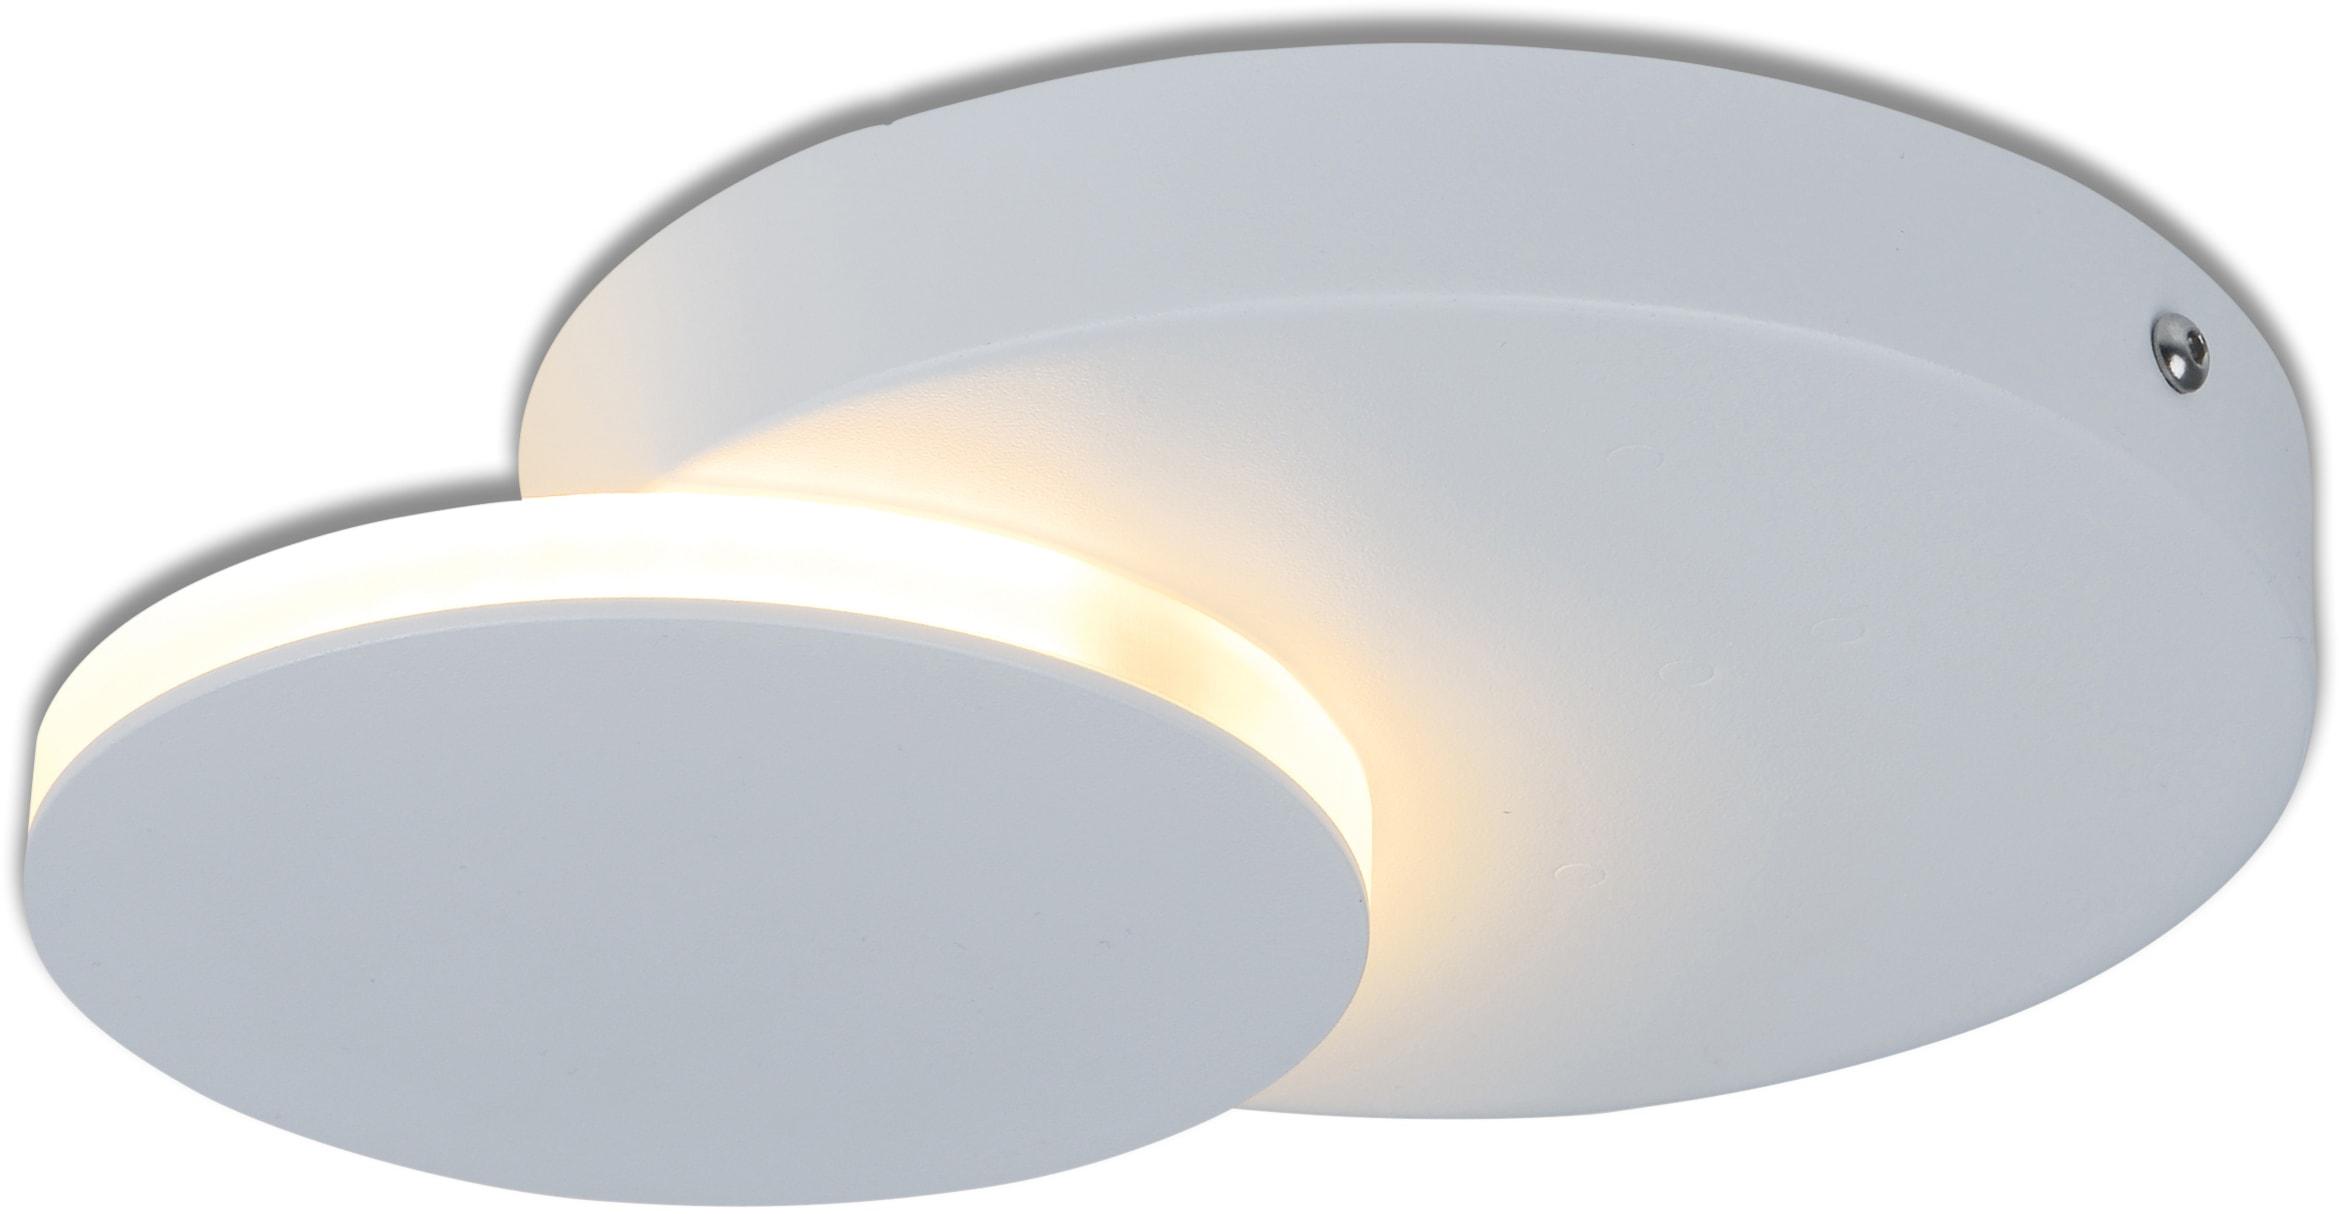 näve LED Wandleuchte Dallas, LED-Board, 1 St., Warmweiß, Wand- und Deckenleuchte verwendbar